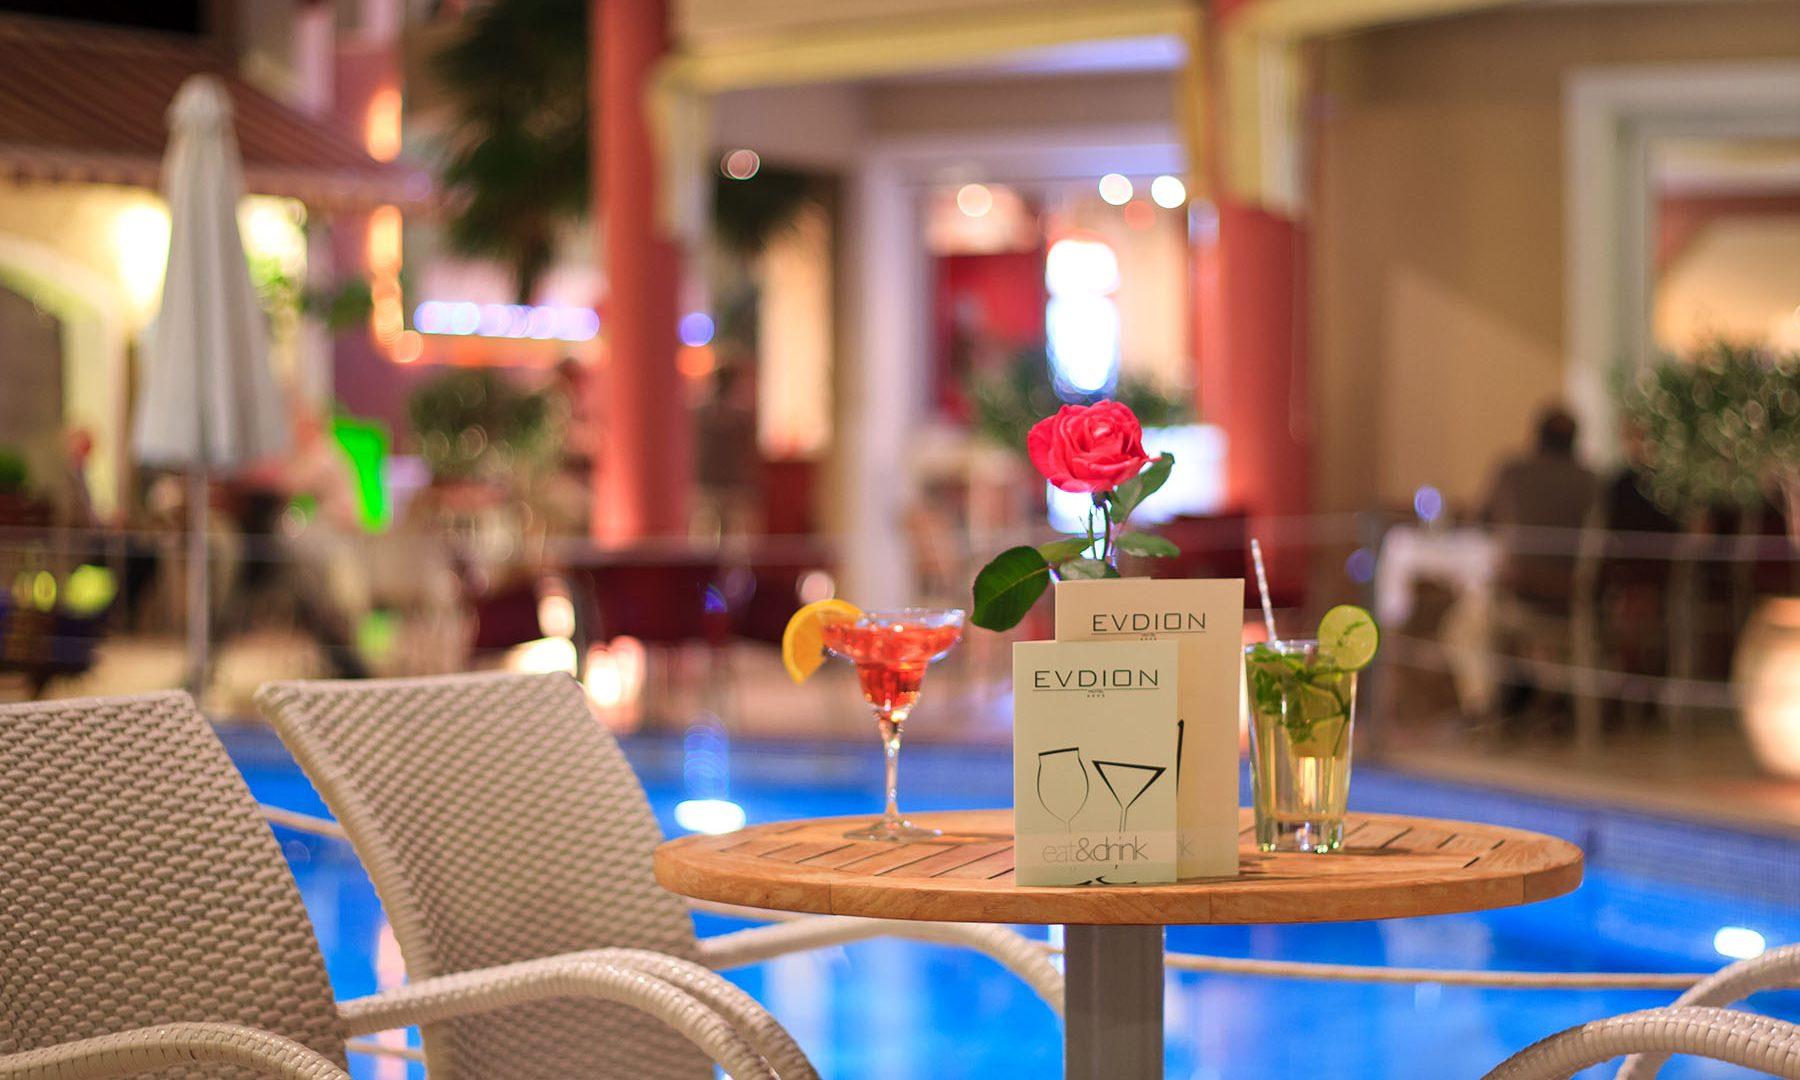 ξενοδοχειο νεοι ποροι πιερια - Evdion Hotel